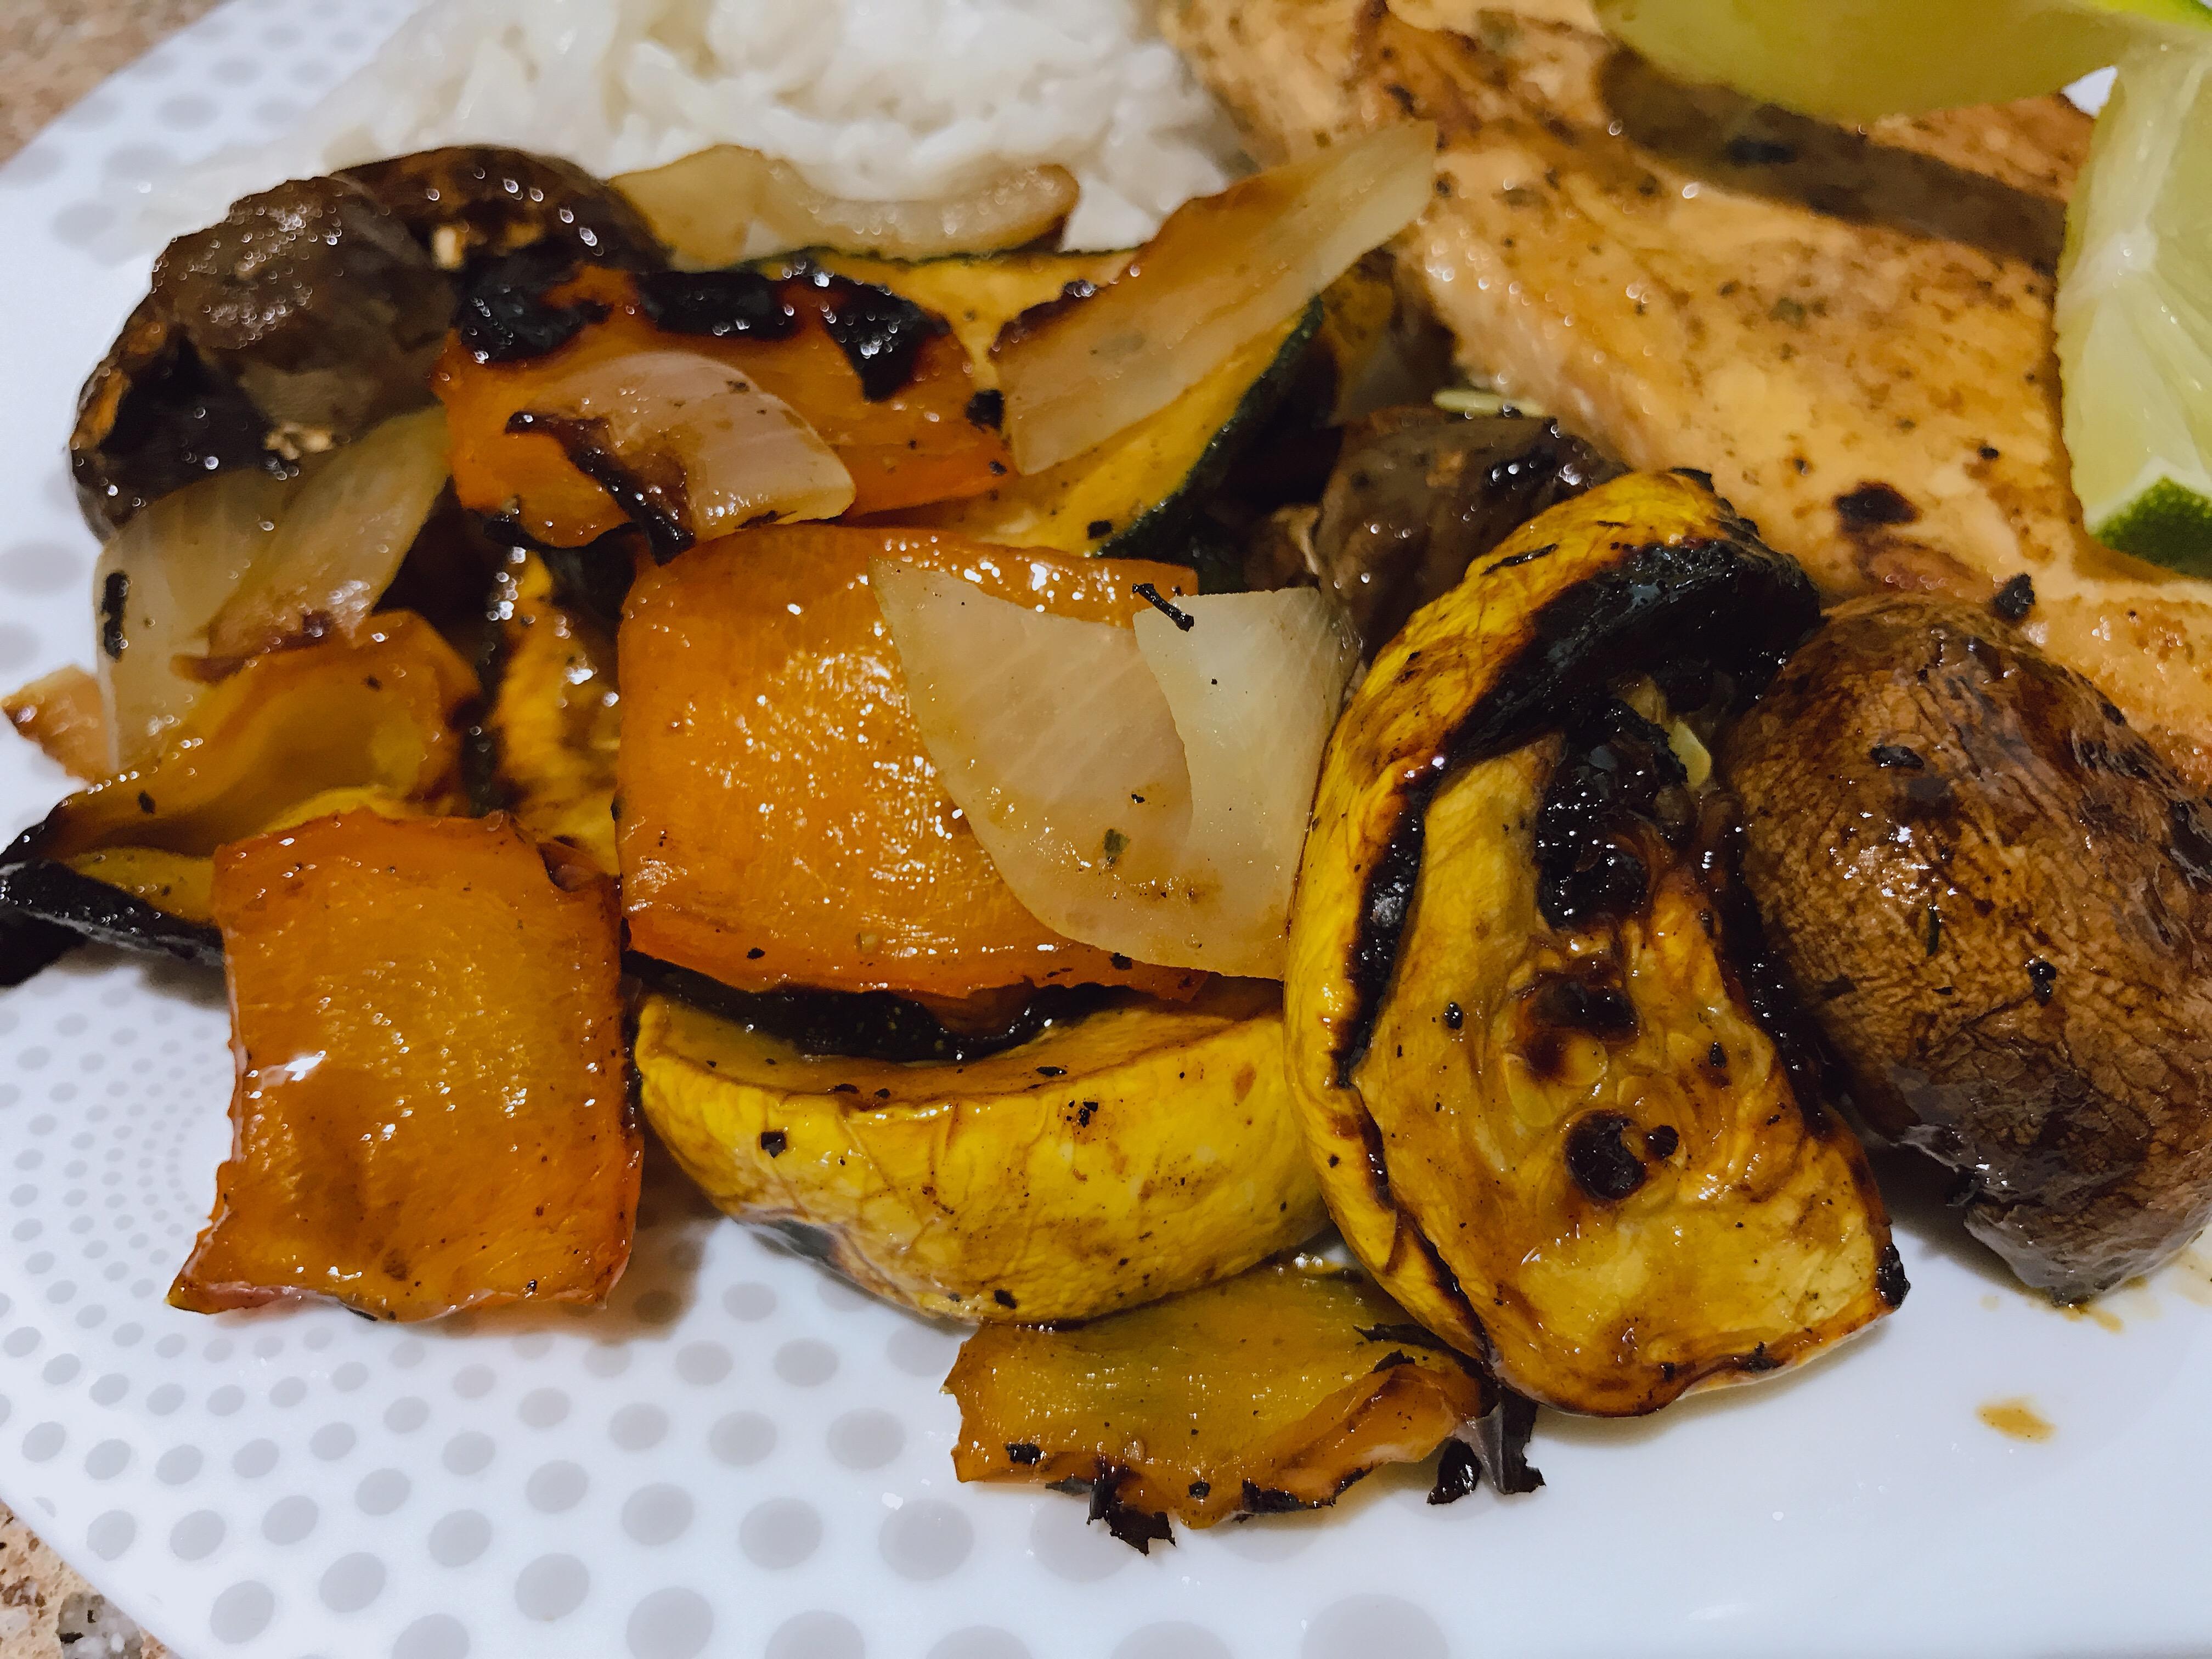 Teriyaki Grilled Vegetables thedailygourmet